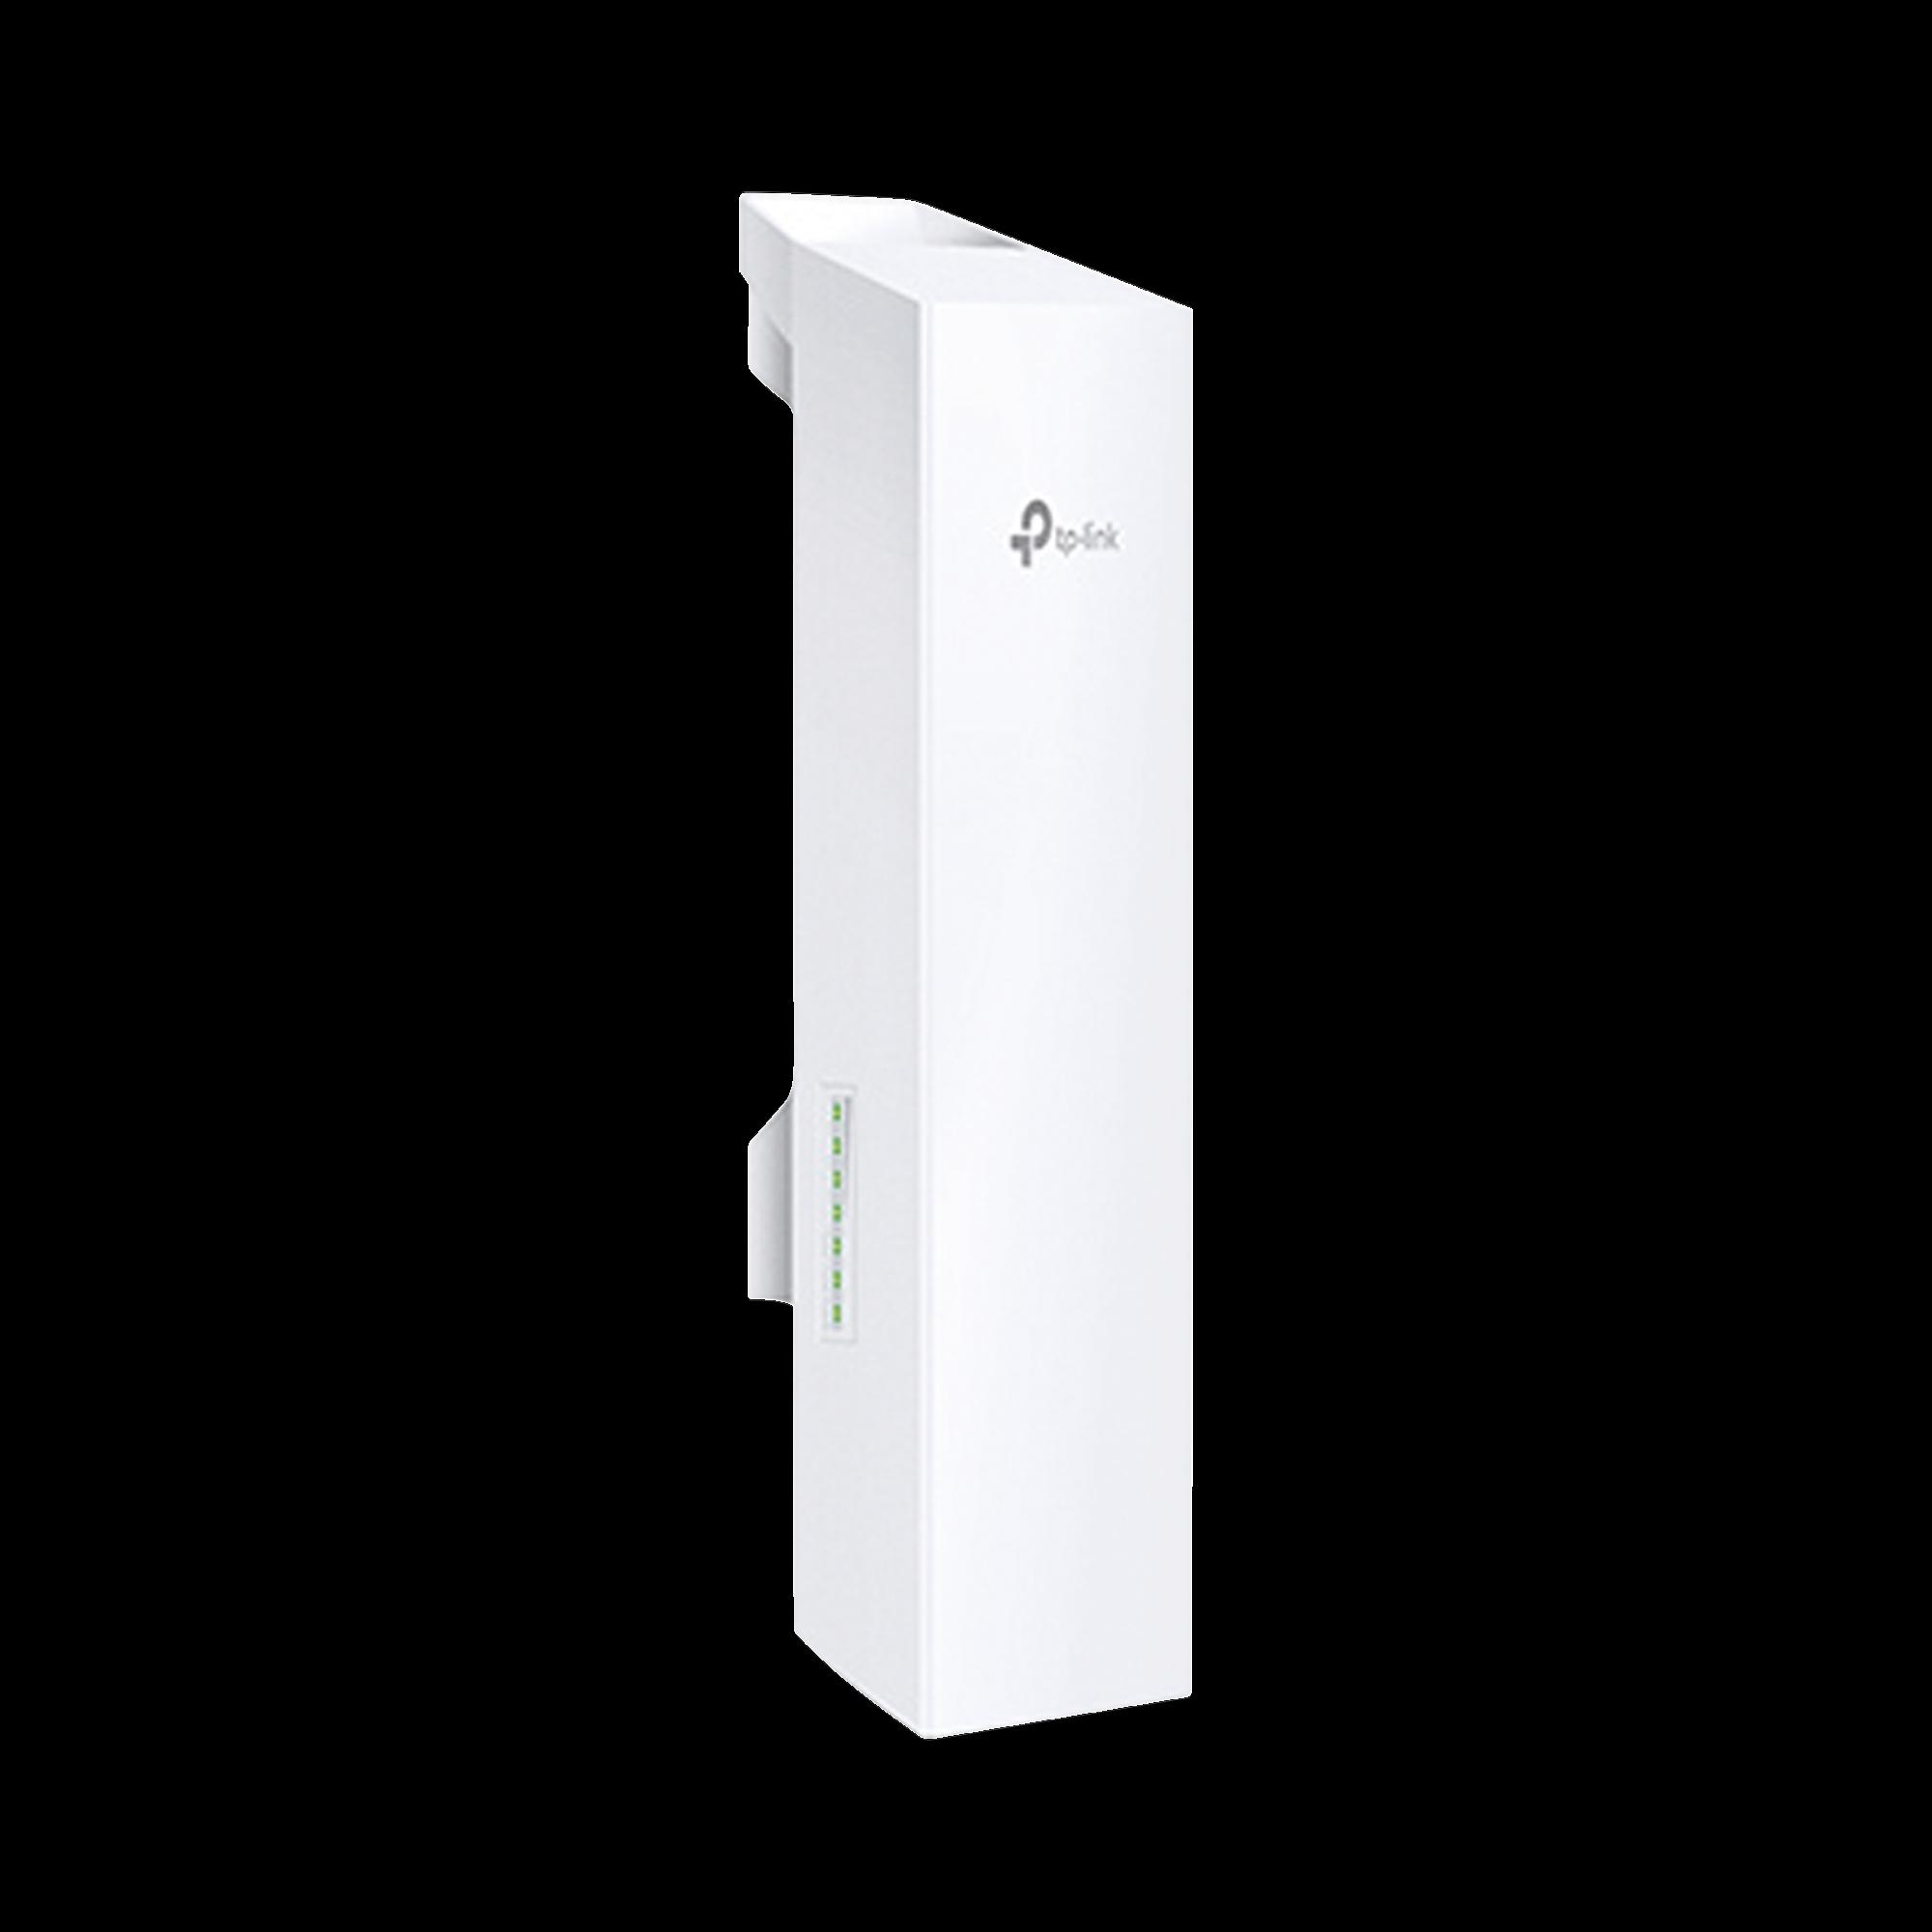 Punto de Acceso WI-Fi  N 300Mbps en 2.4GHz, 2 antenas integradas de 12dBi, MIMO 2X2.